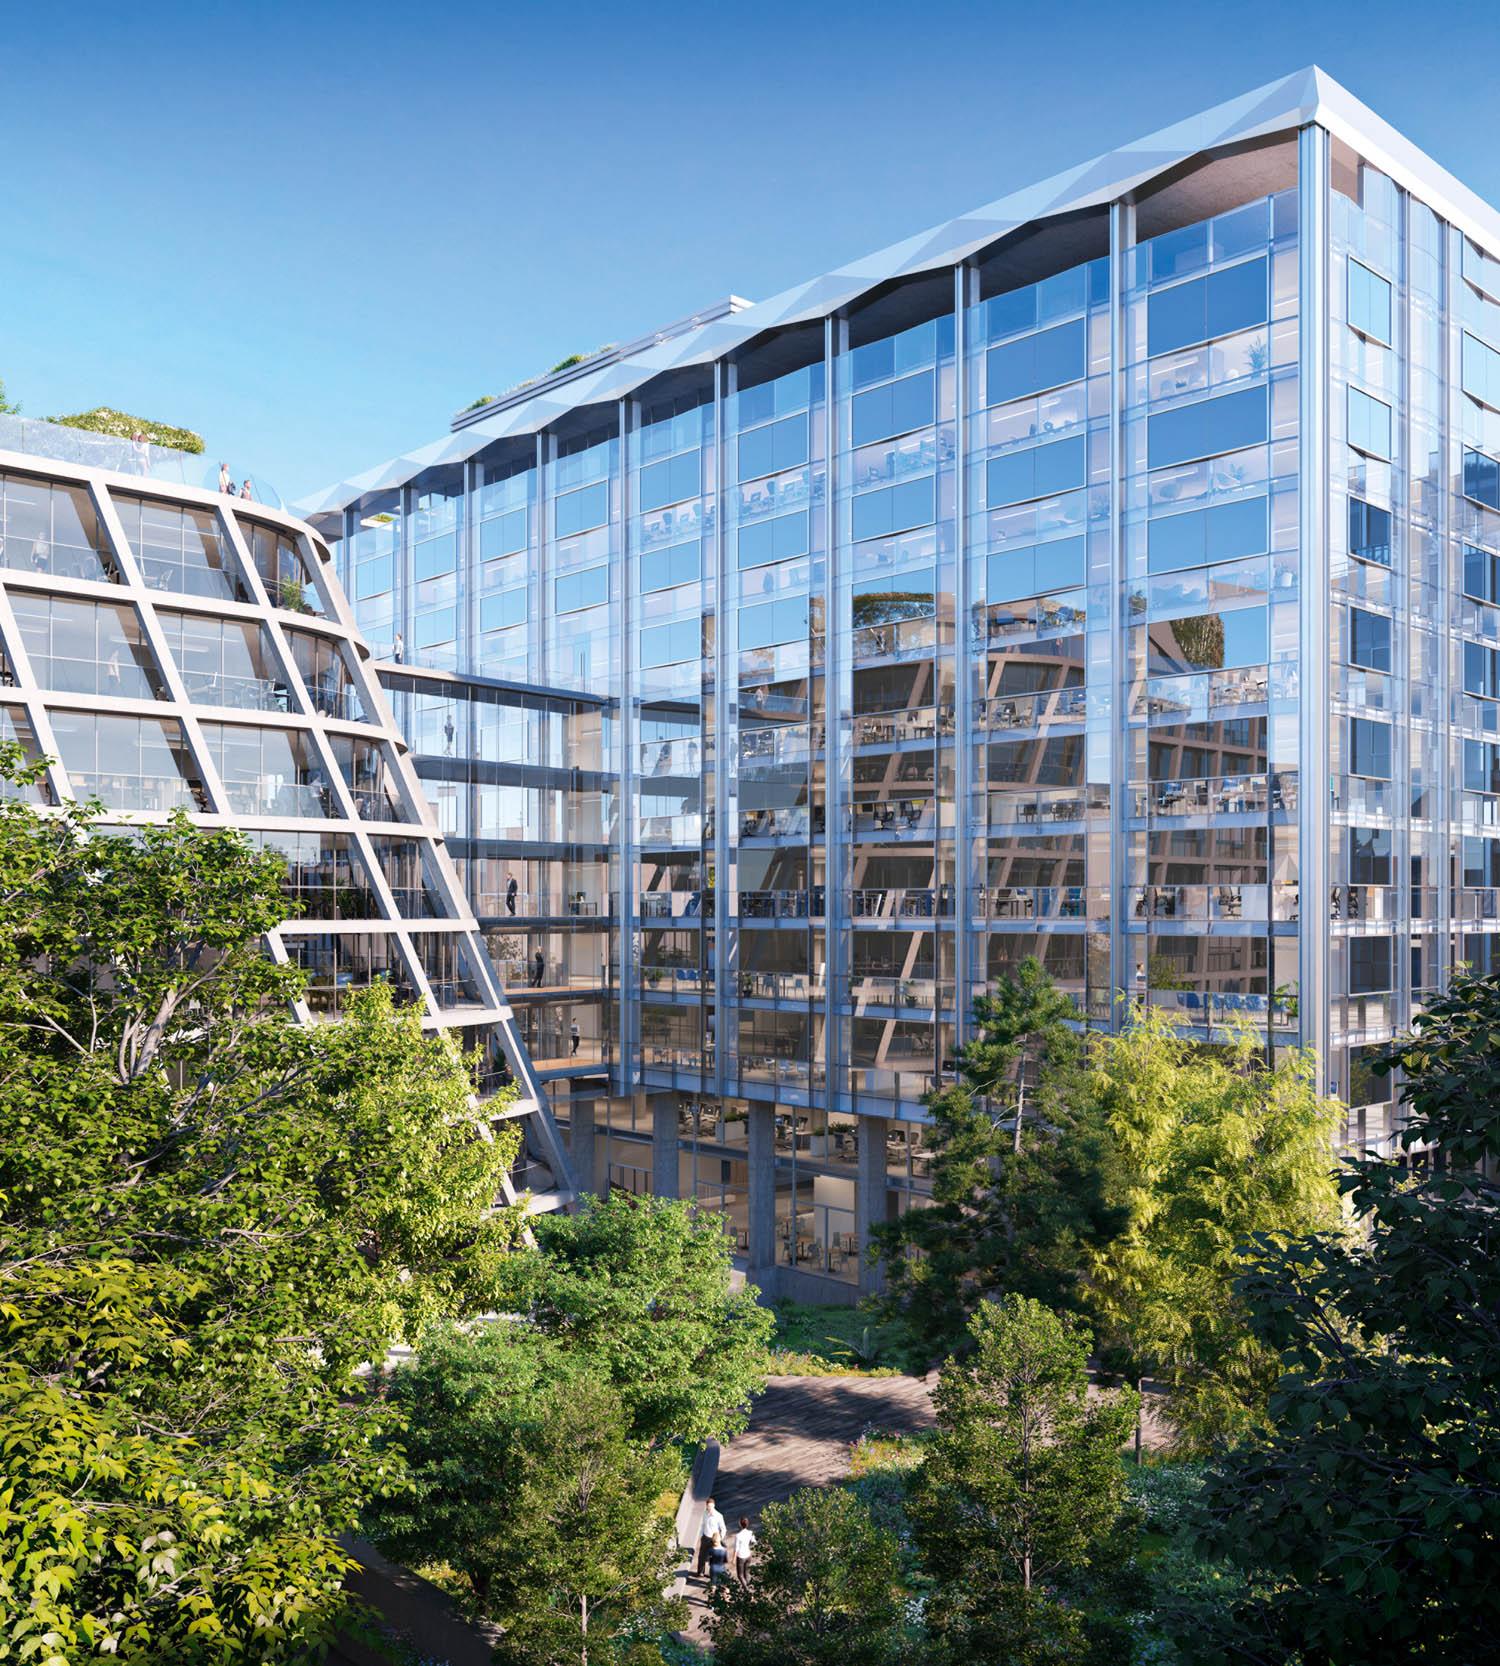 Immagini courtesy Simeon Biome, sede della società SMABTP, YM Architecture, Parigi, Francia © YM Architecture